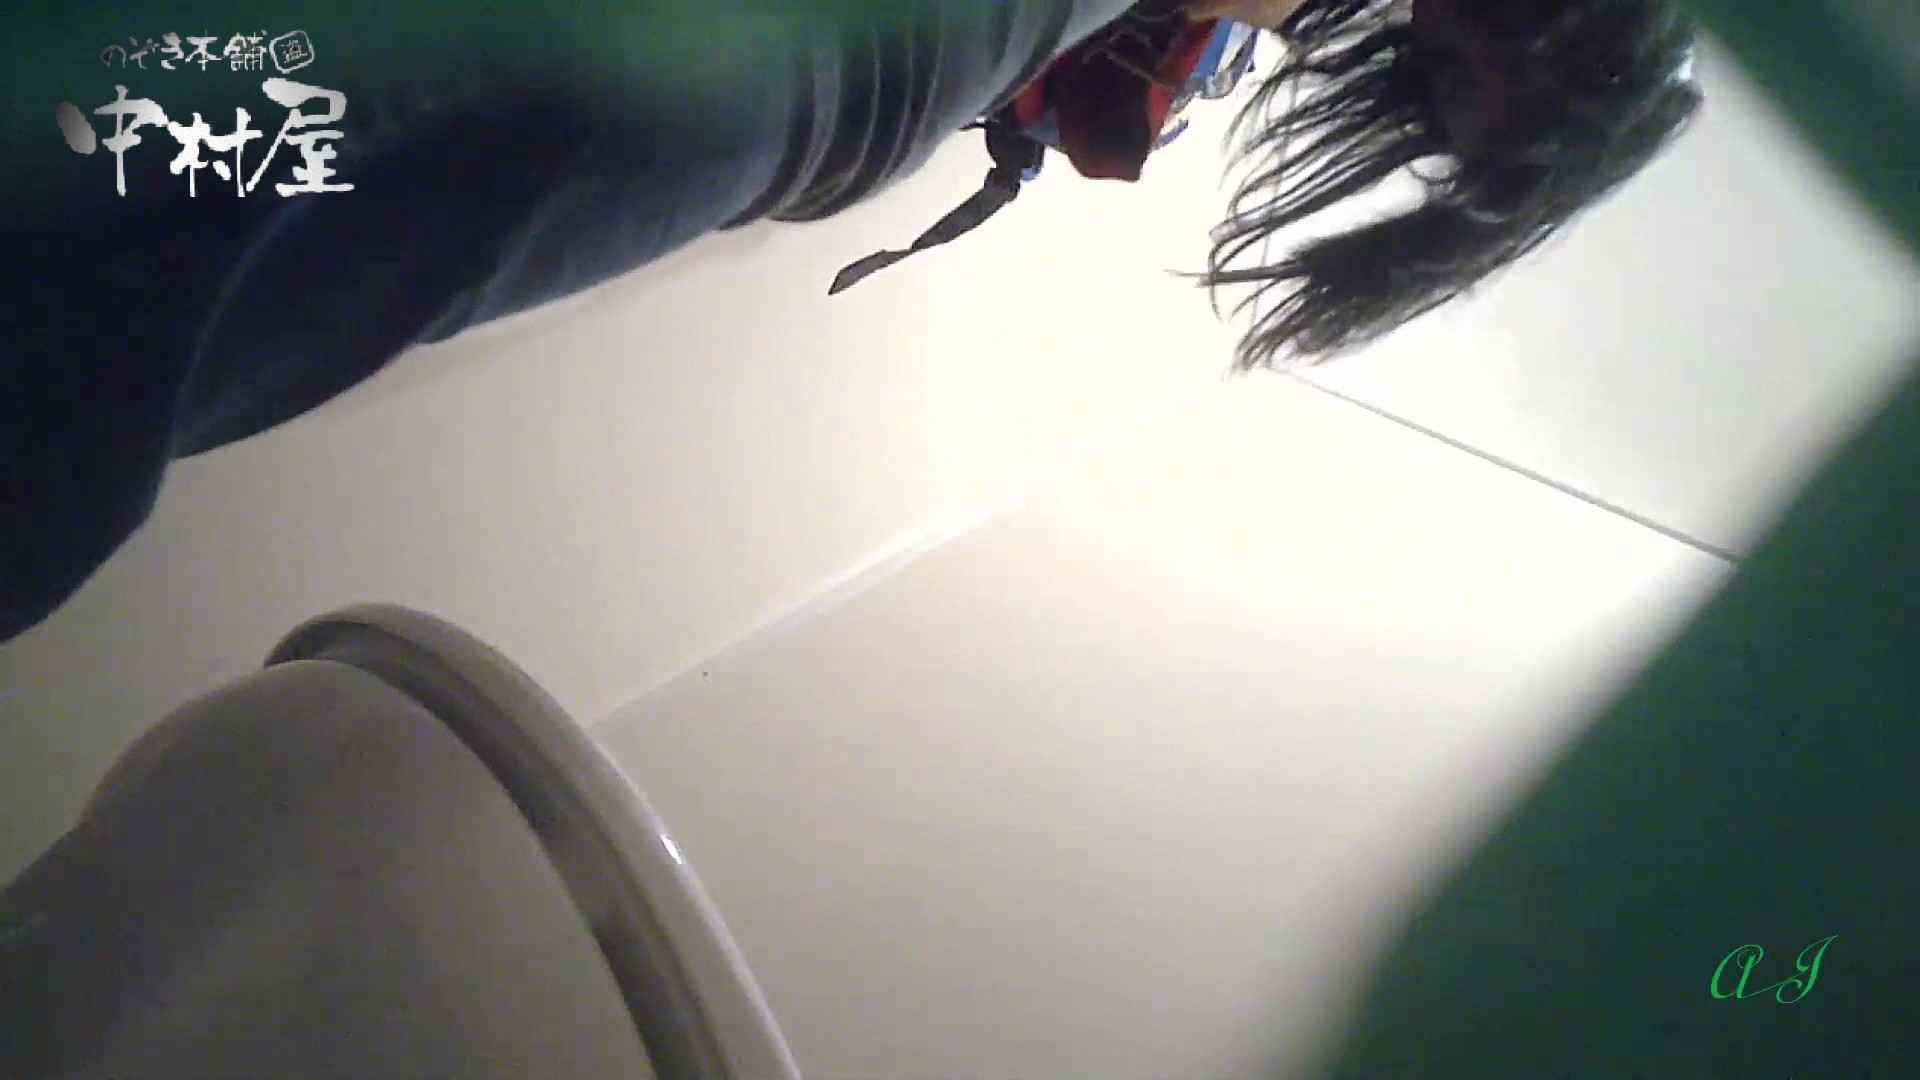 無料アダルト動画:有名大学女性洗面所 vol.64 圧巻!総勢8名全員美女ばかり!!:のぞき本舗 中村屋